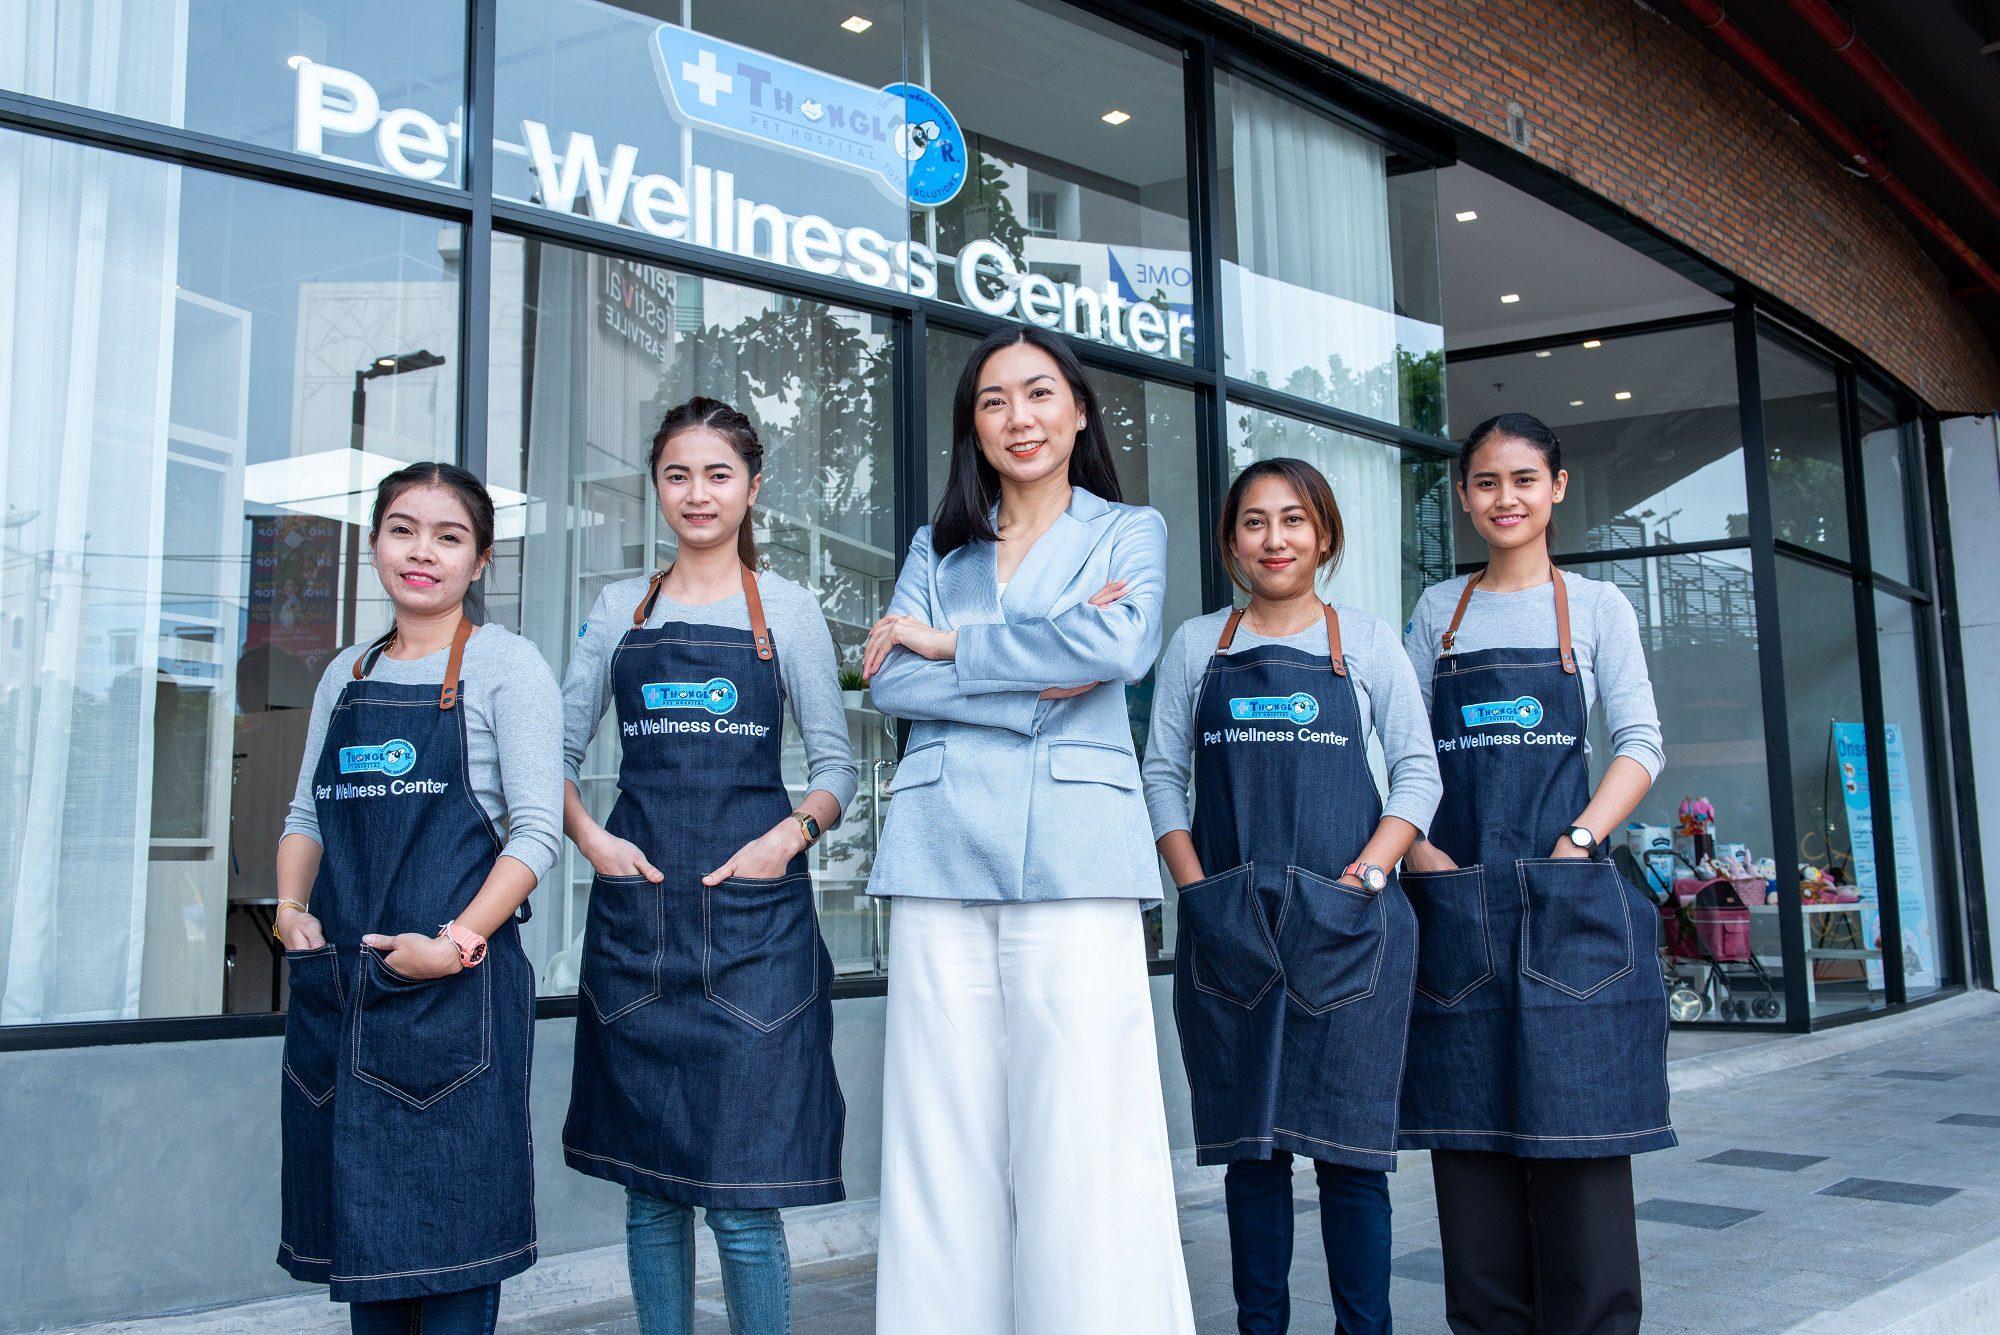 รพส.ทองหล่อ เปิด Pet Wellness Center ที่ Central EastVille